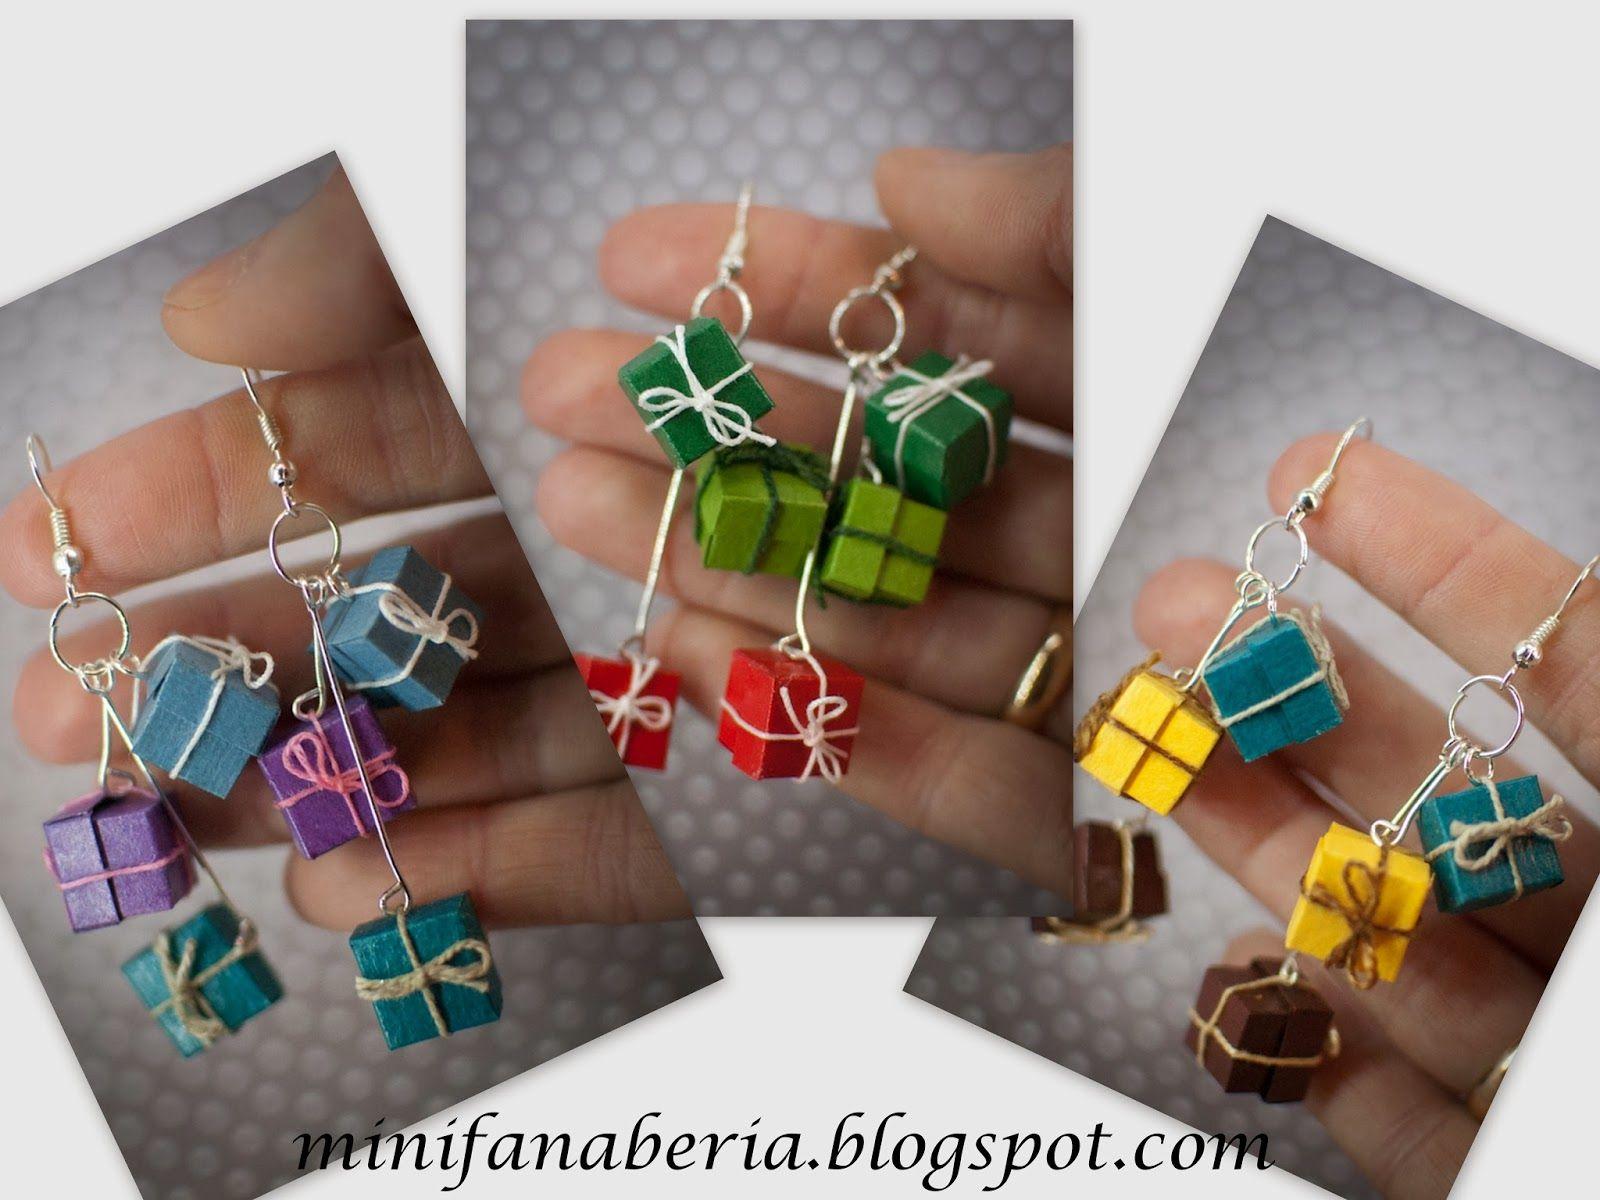 kolczyki+miniaturowe+prezenty+handmade+earrings+gift+christmas+świąteczne+05.jpg (1600×1200)